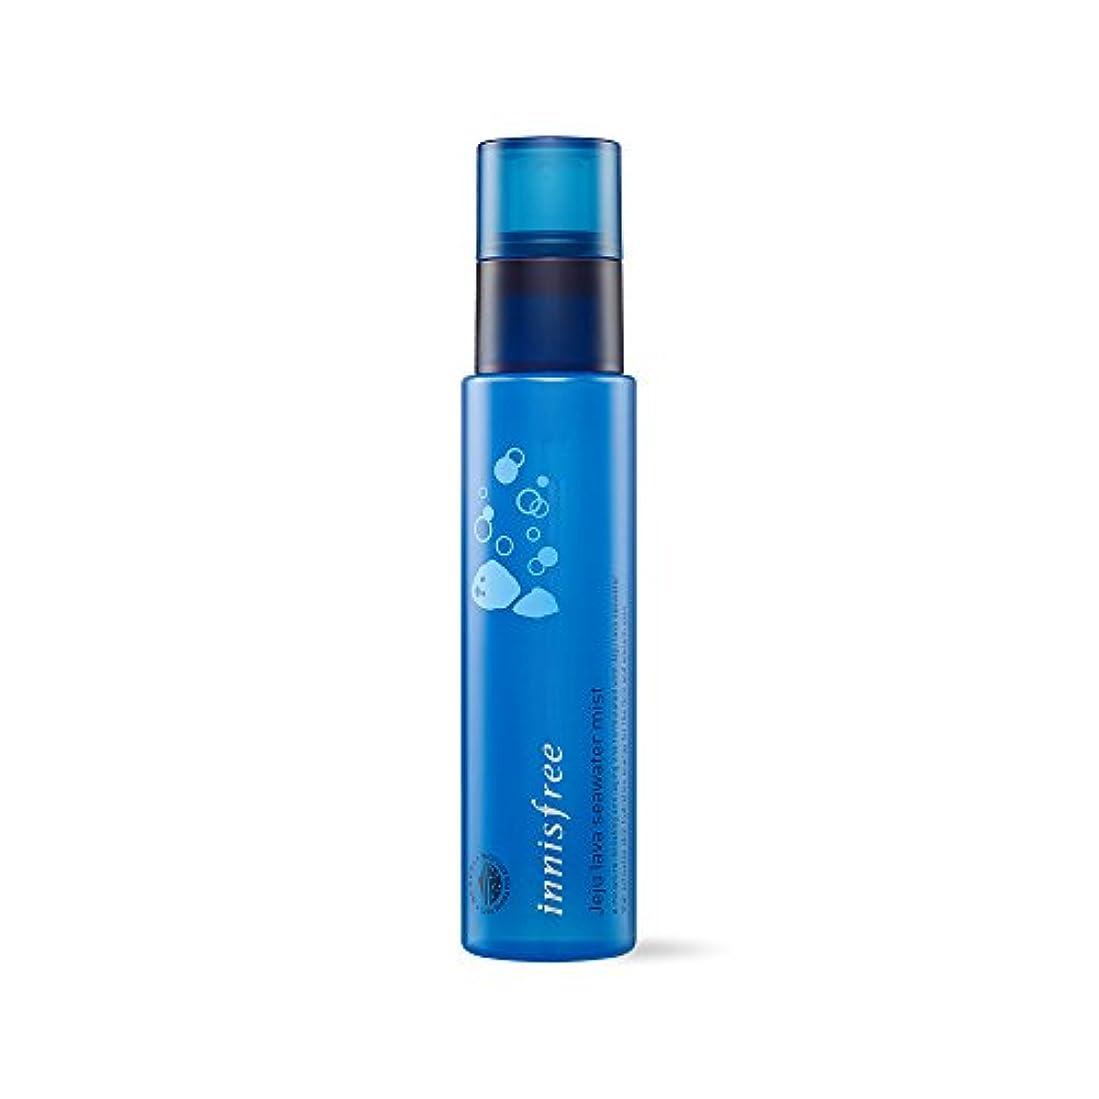 シンボル目立つ禁止するイニスフリー日本公式(innisfree) ラバシーウォーター ミスト[化粧水]100ml